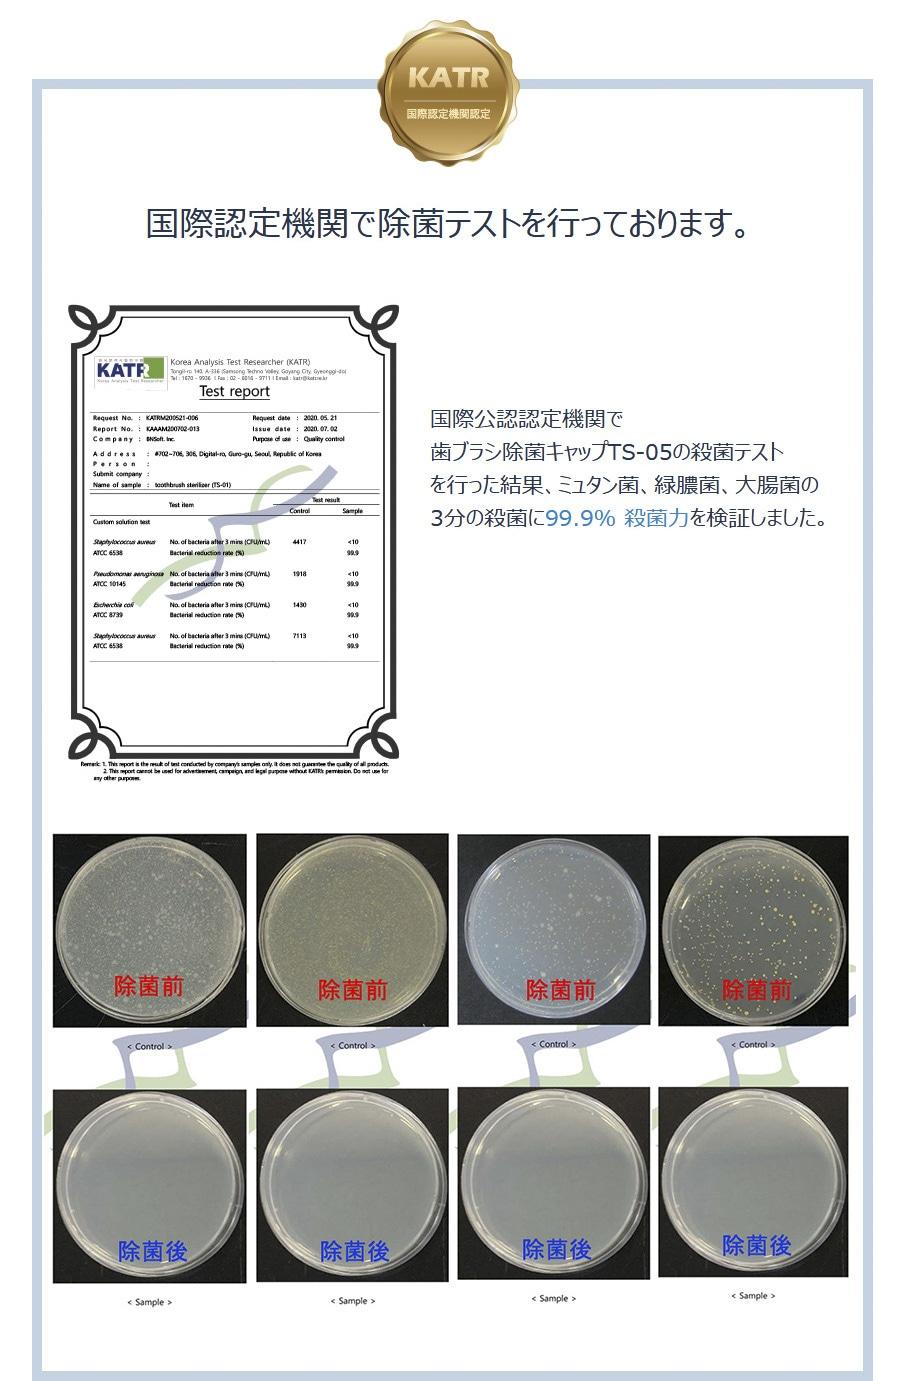 国際認定機関で除菌テストを行っております。